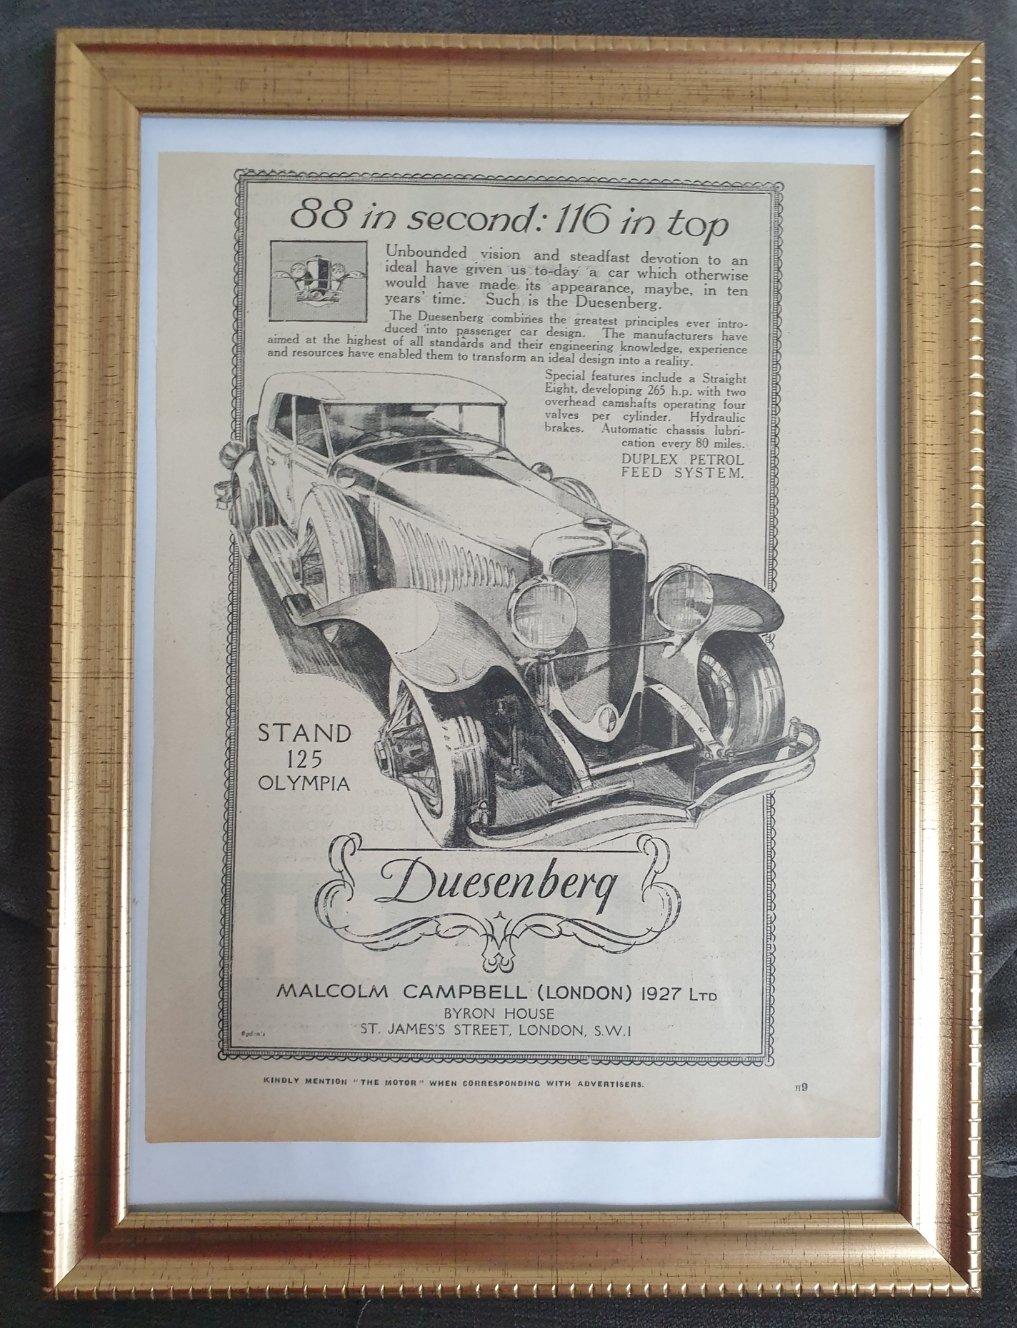 1980 Original 1929 Duesenberg Framed Advert  For Sale (picture 1 of 3)